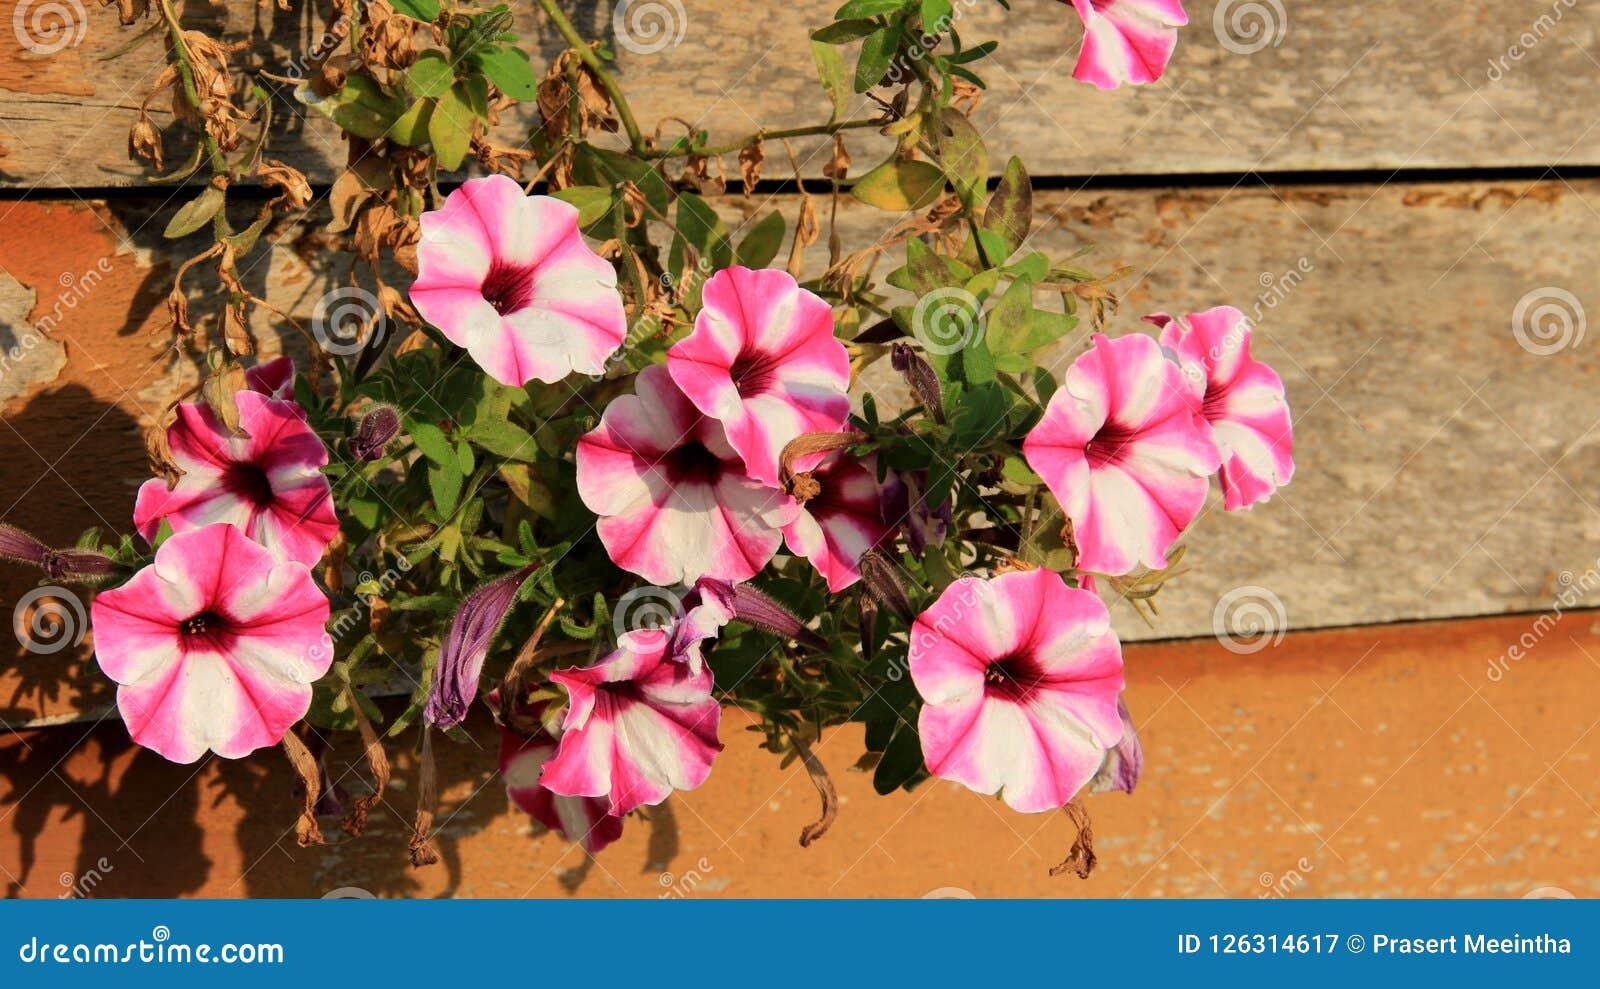 Blühende bunte Petunien auf hölzerner Wand